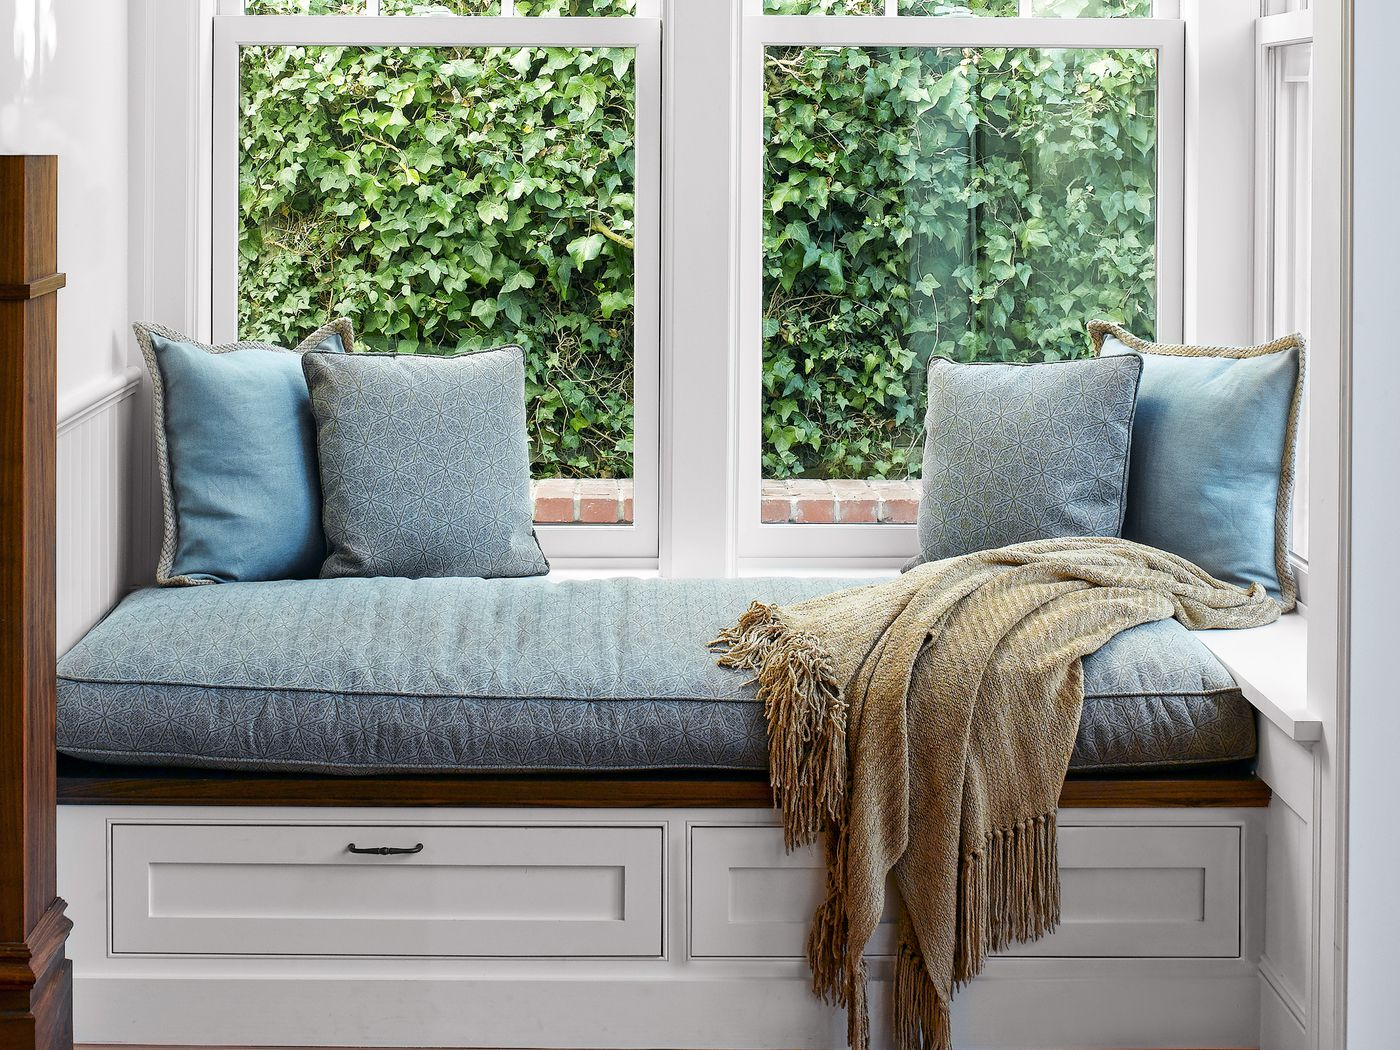 Hãy bỏ qua lối trang trí rườm rà và điều chỉnh các thiết kế tối giản thông minh để giúp ngôi nhà của bạn trông lớn hơn và sang trọng hơn.